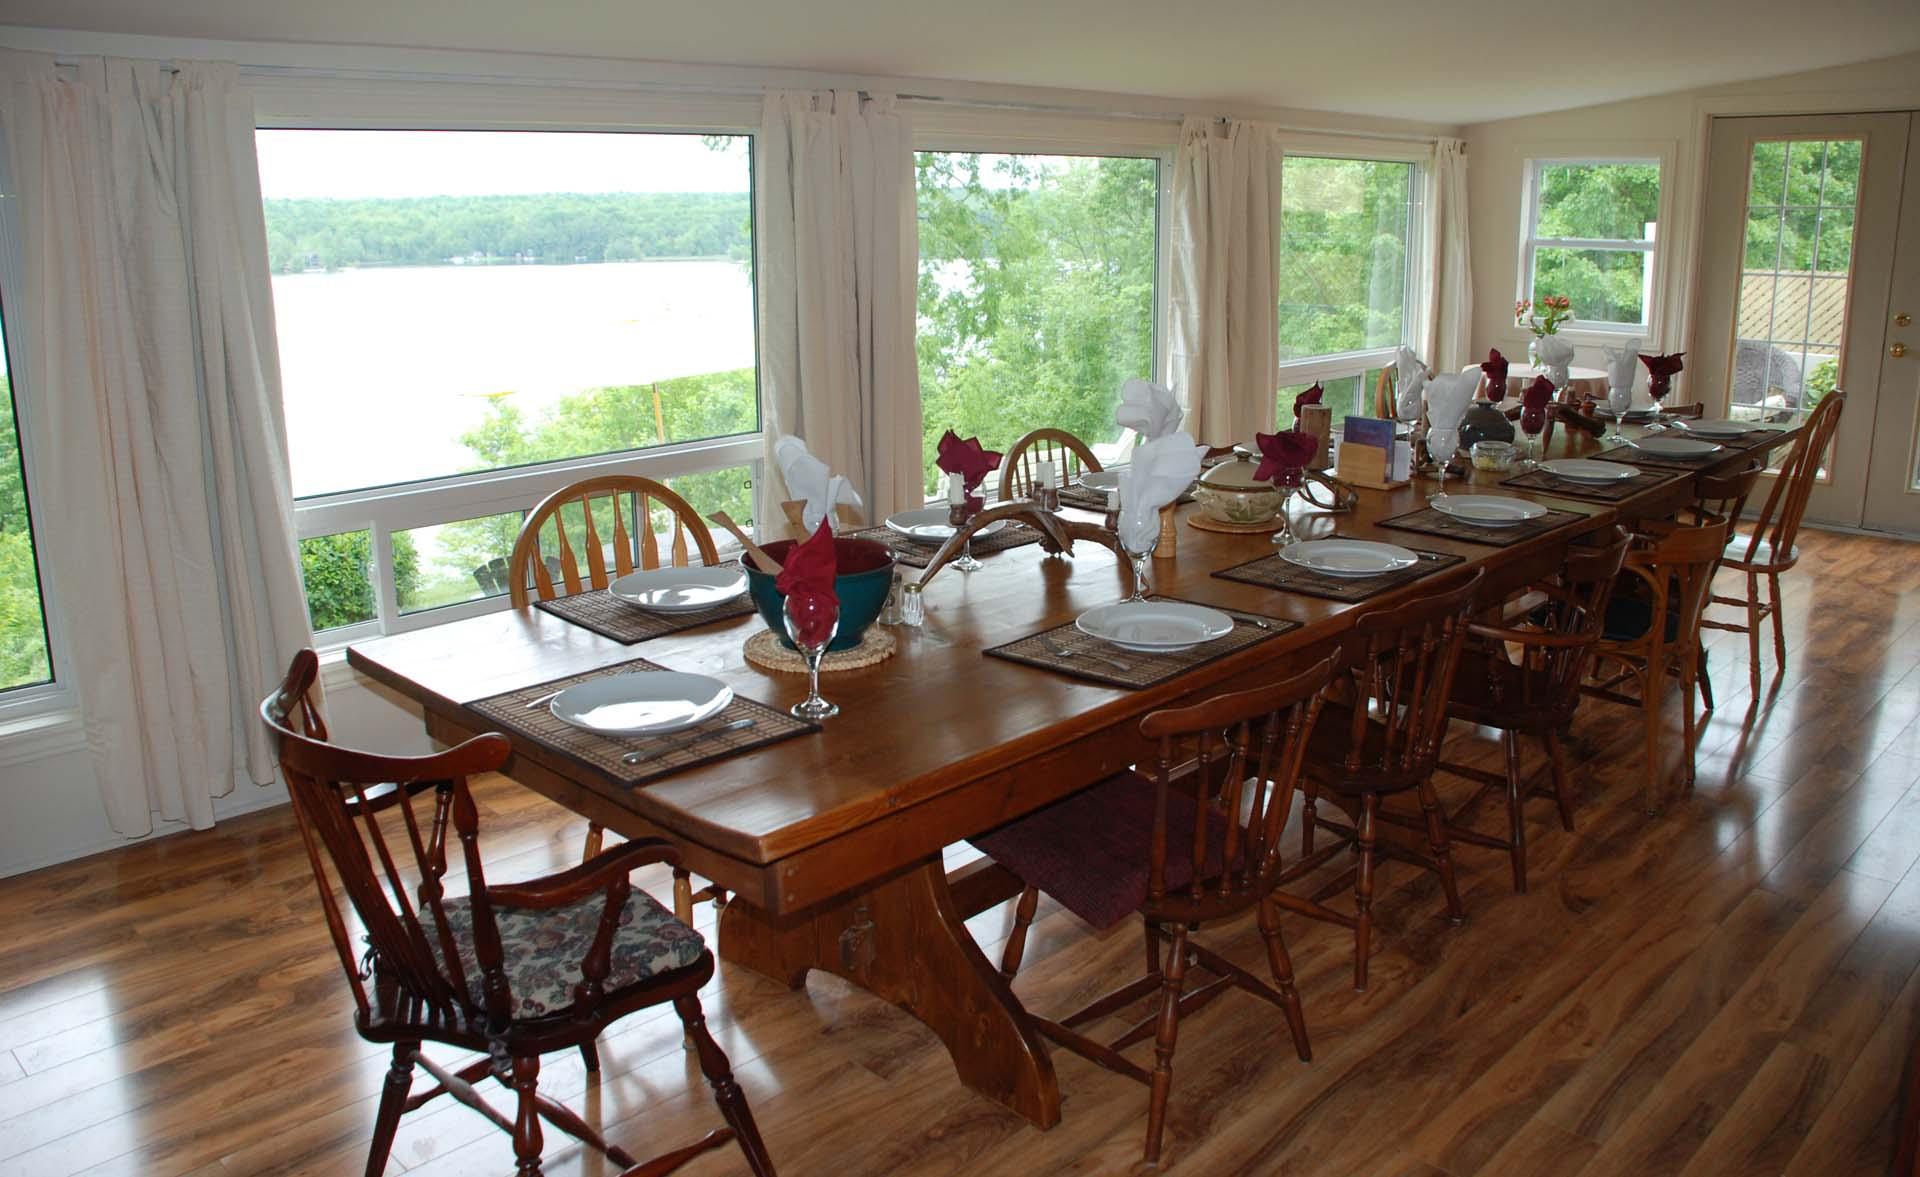 dining-room-overlooking-lake.jpg